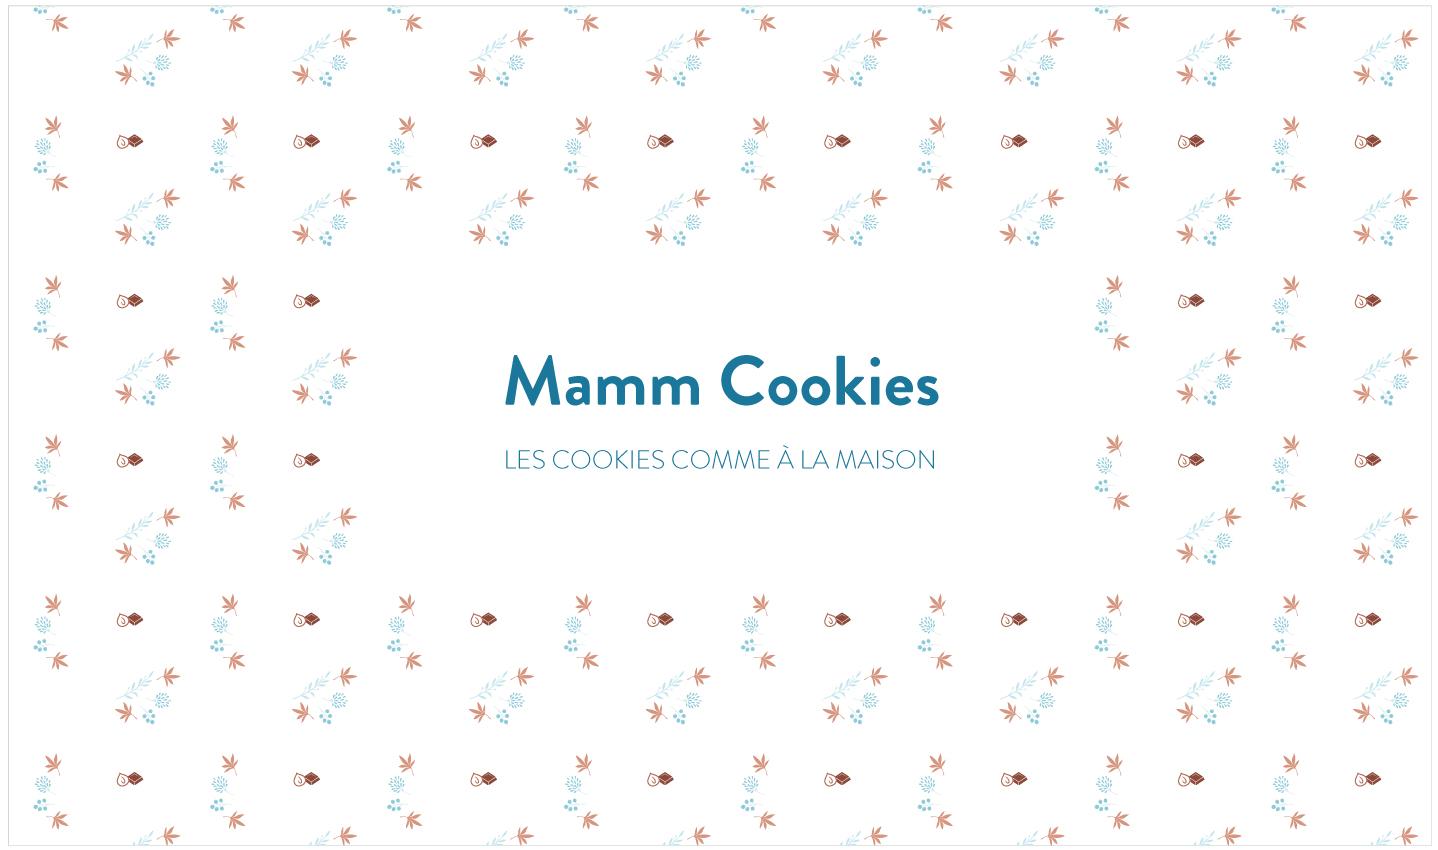 motifs-2016-automne-mamm